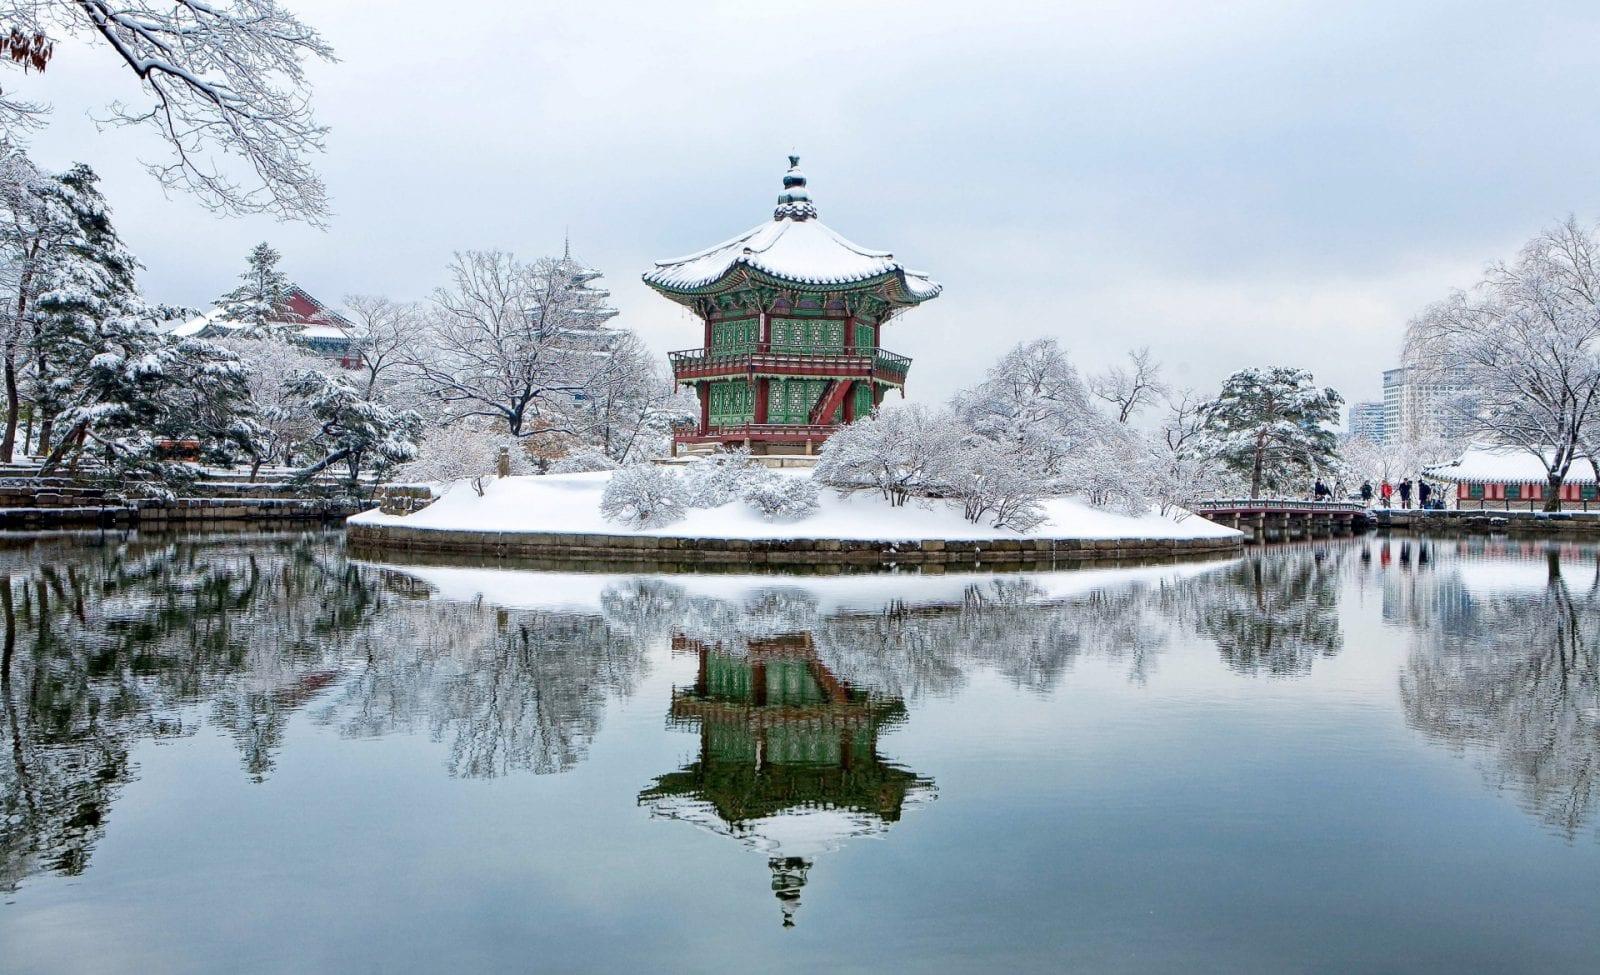 Korea Wallpaper: 19 Of The Best Winter Activities In Korea